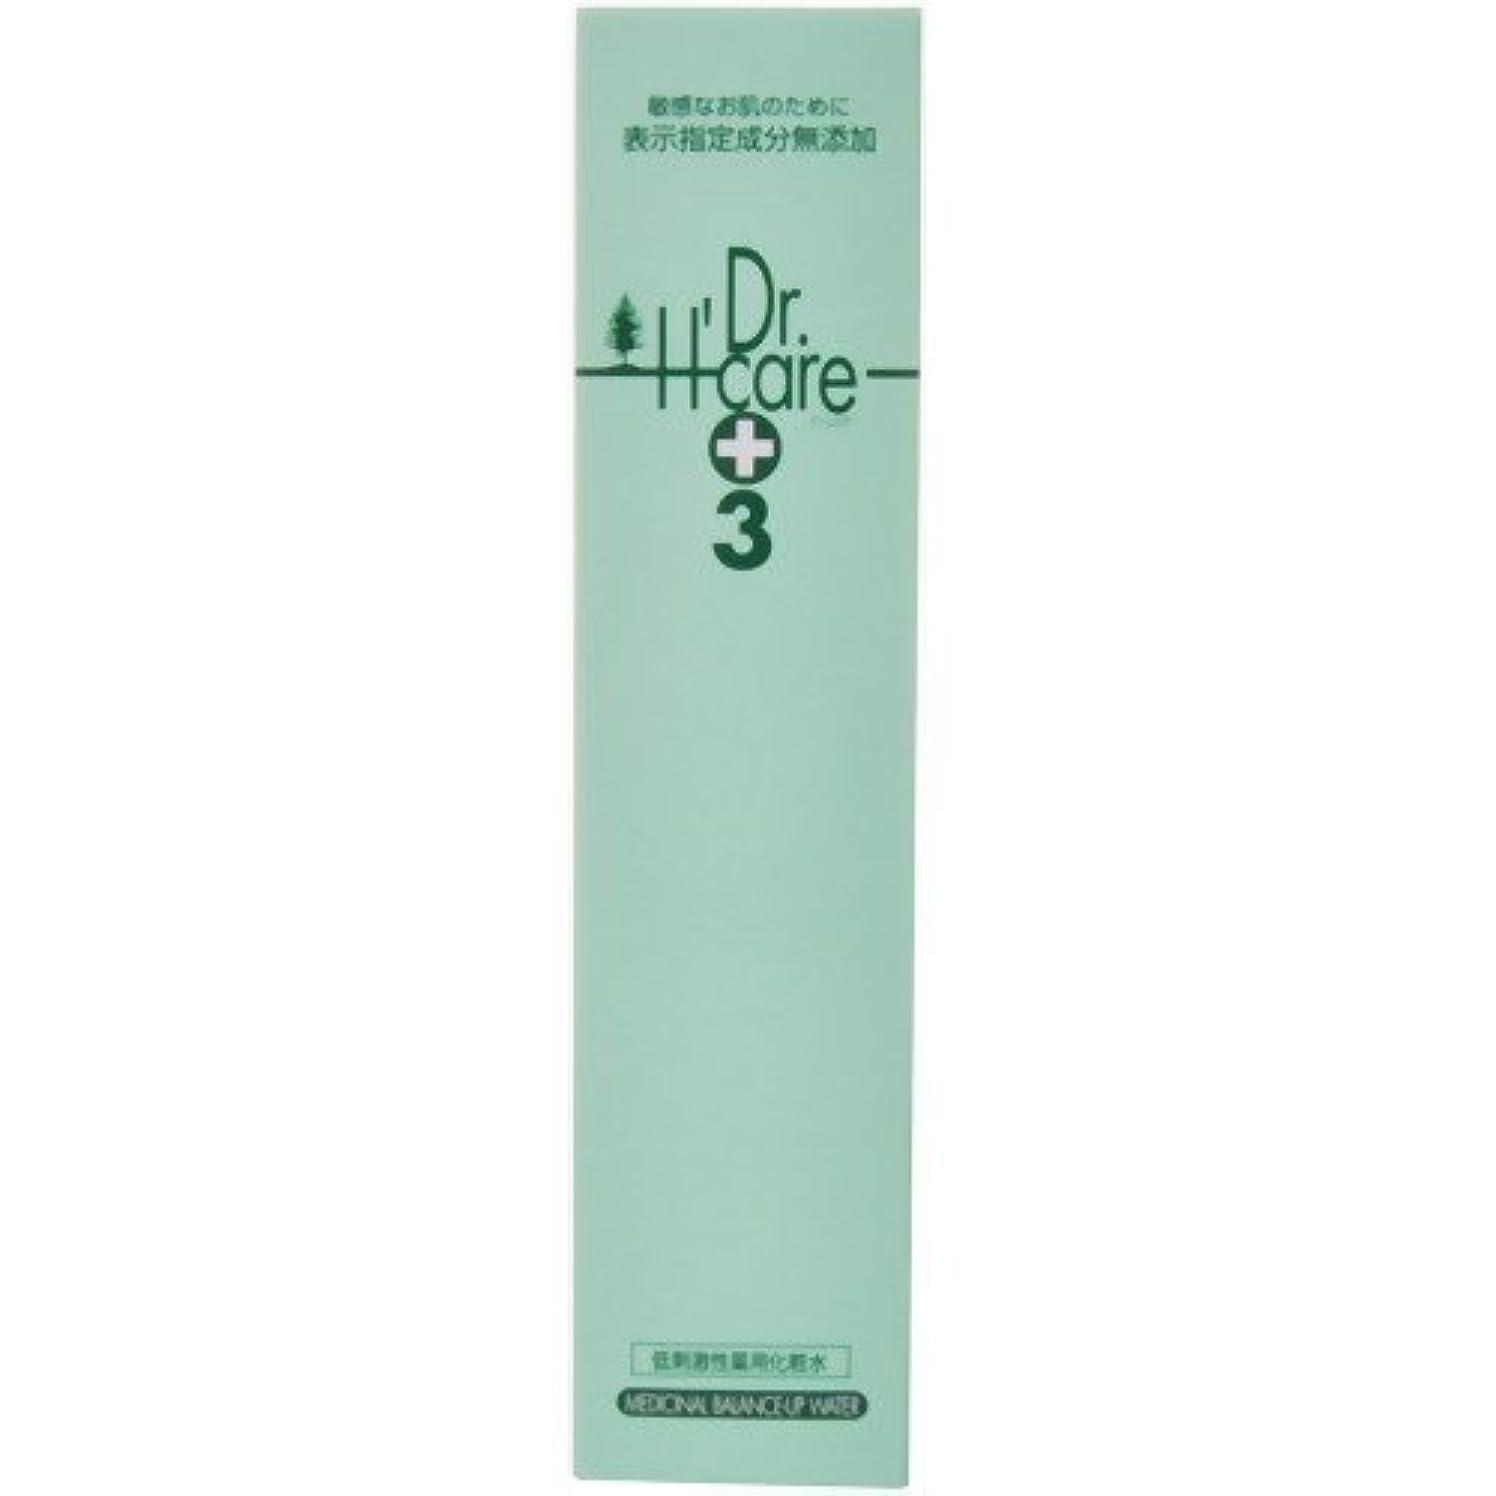 アシュケア 薬用 バランスアップウォーター (低刺激性化粧水) 120ml